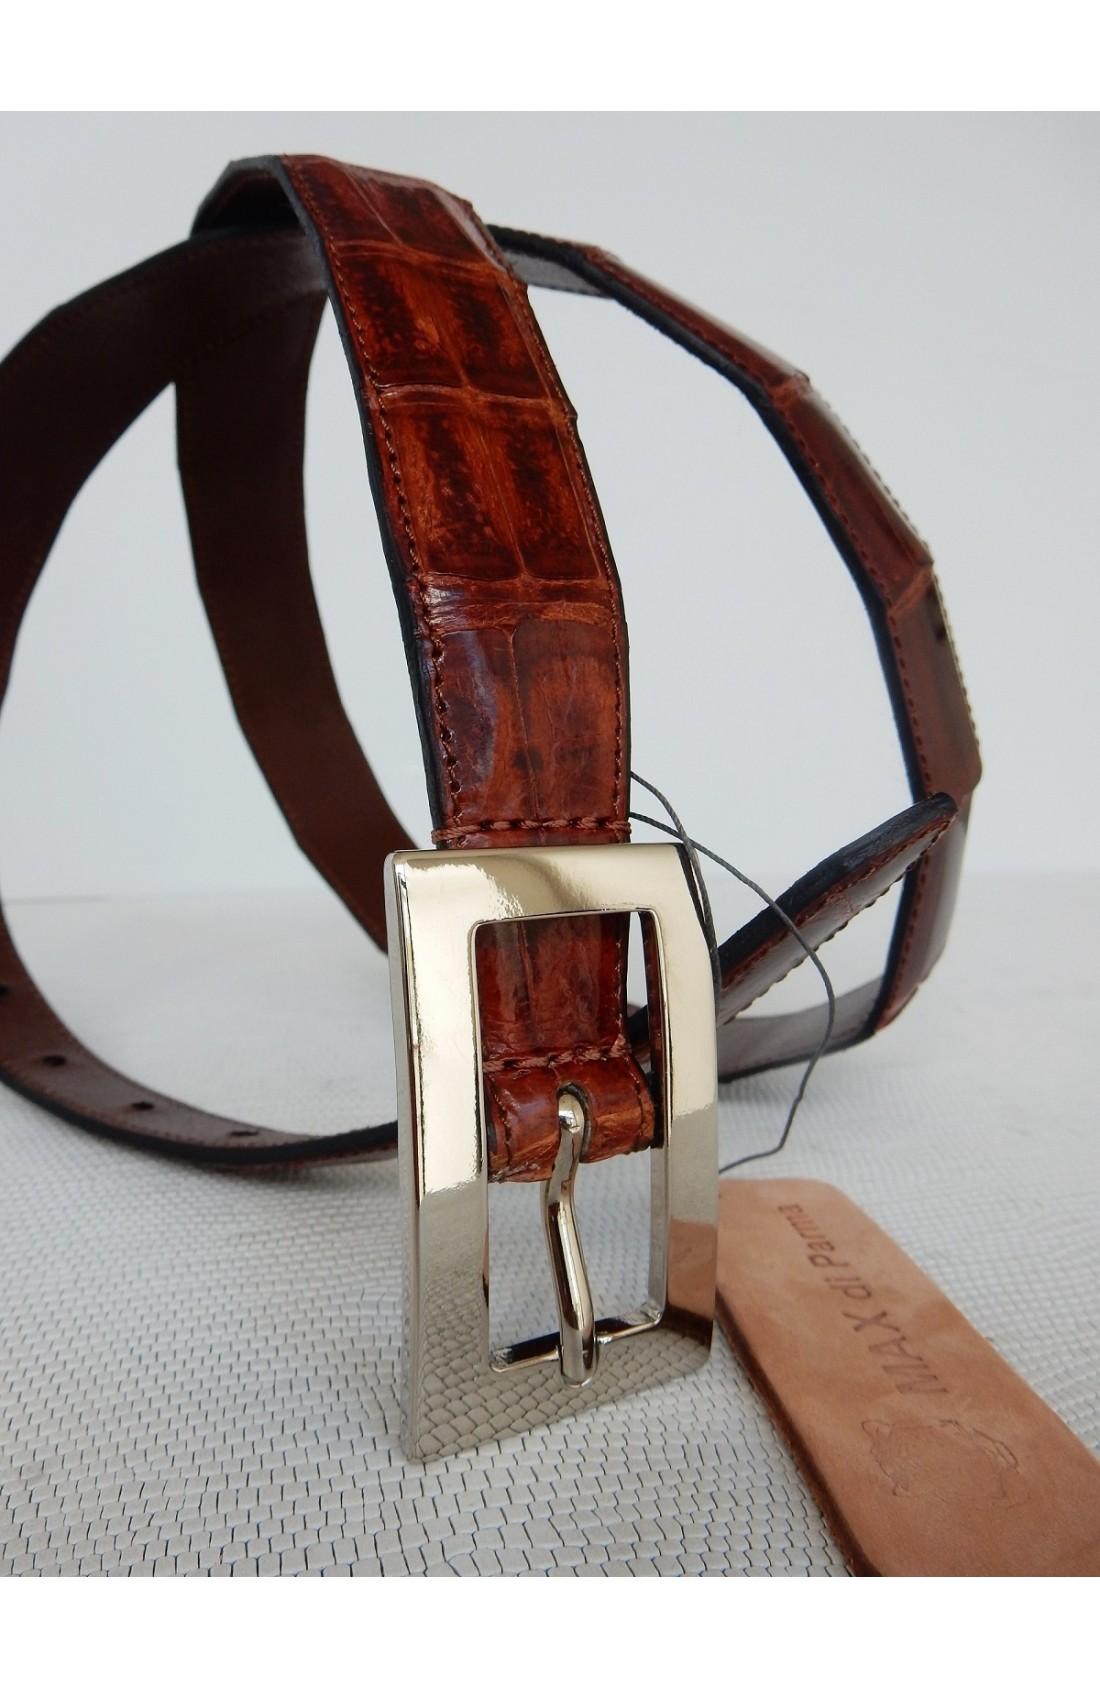 art.151 COCCODRILLO VERO coda caimano yacarè svasata da mm.30 a mm. 20 var.3 brandy fibbia B 919 mm.20 nikel free (4)